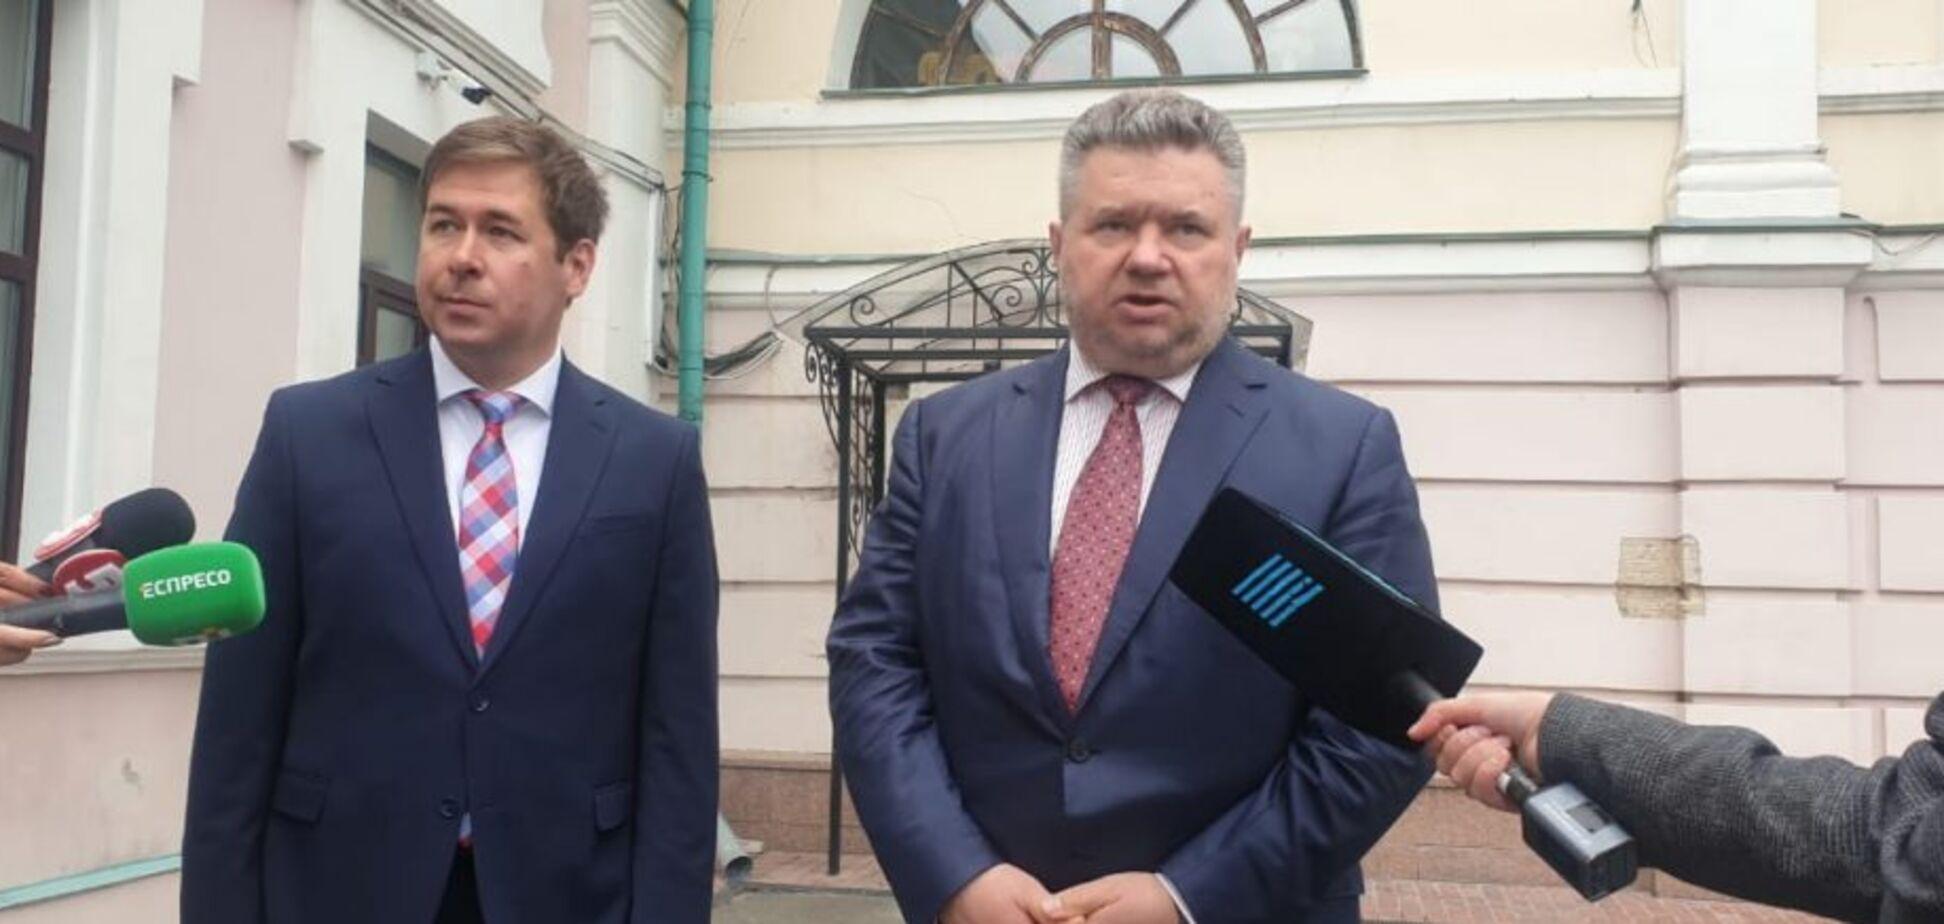 Головань сообщил о начале расследования нападения на Музей Гончара. Фото: Европейская Солидарность